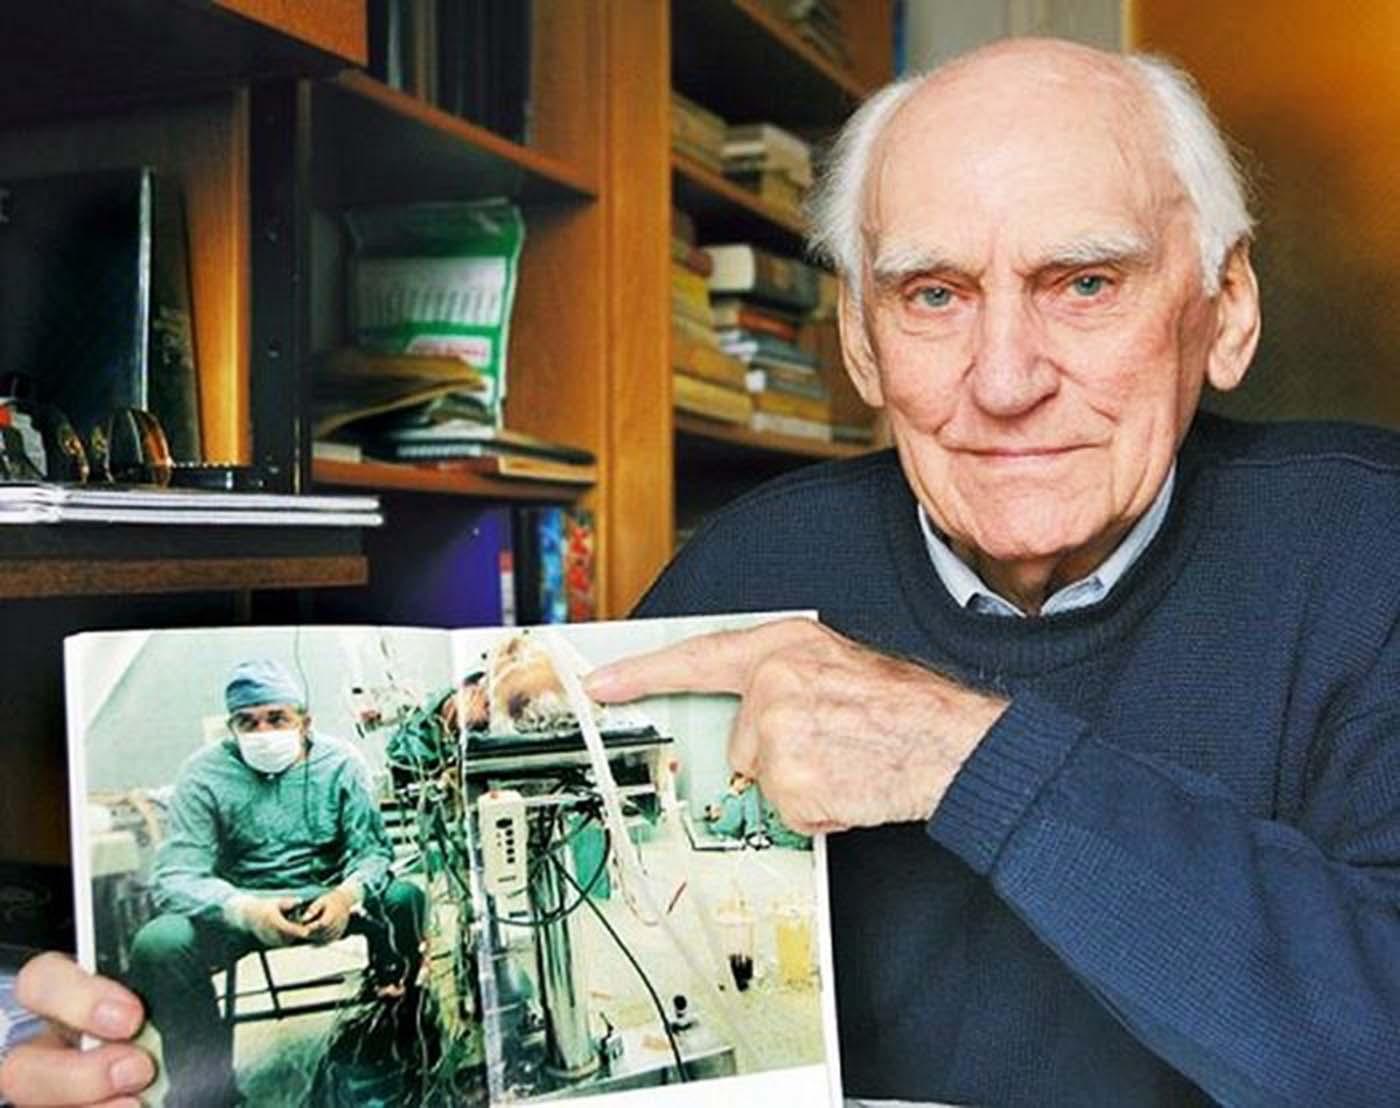 Тадеус Житкиевич държи снимката, на която получава нов шанс за живот. През 2009 г. той отива на погребението на д-р Сбигниев със снимката в ръка.